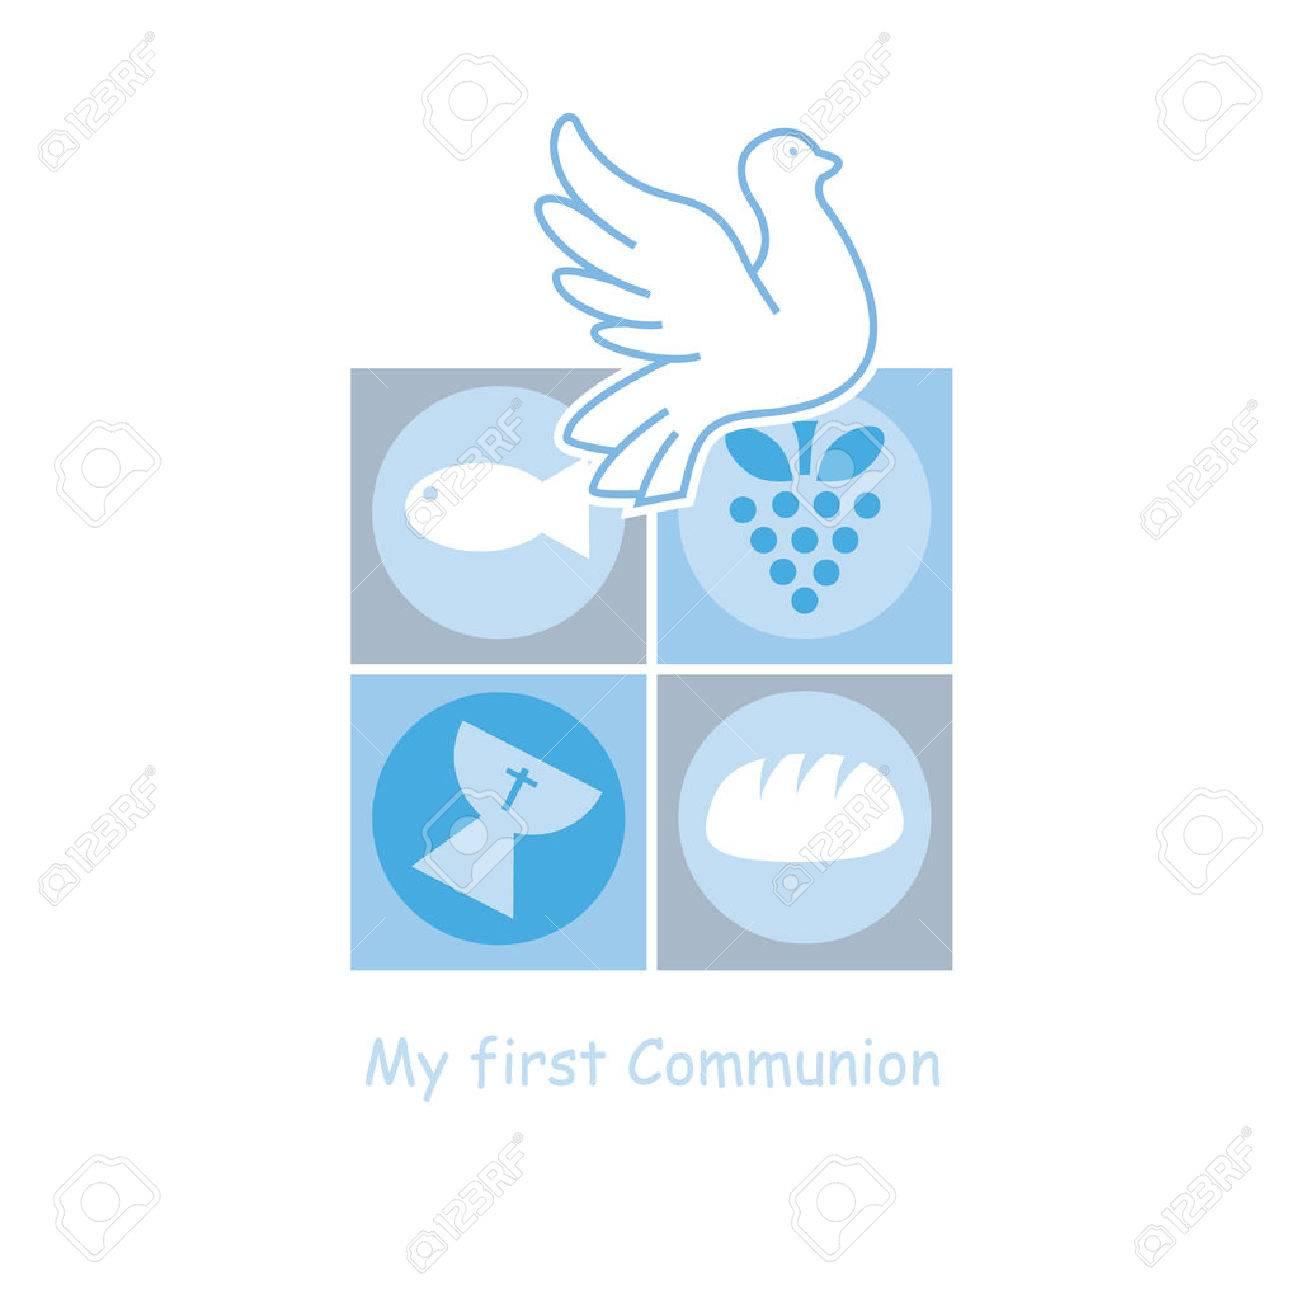 Boy First Communion card - 56119568